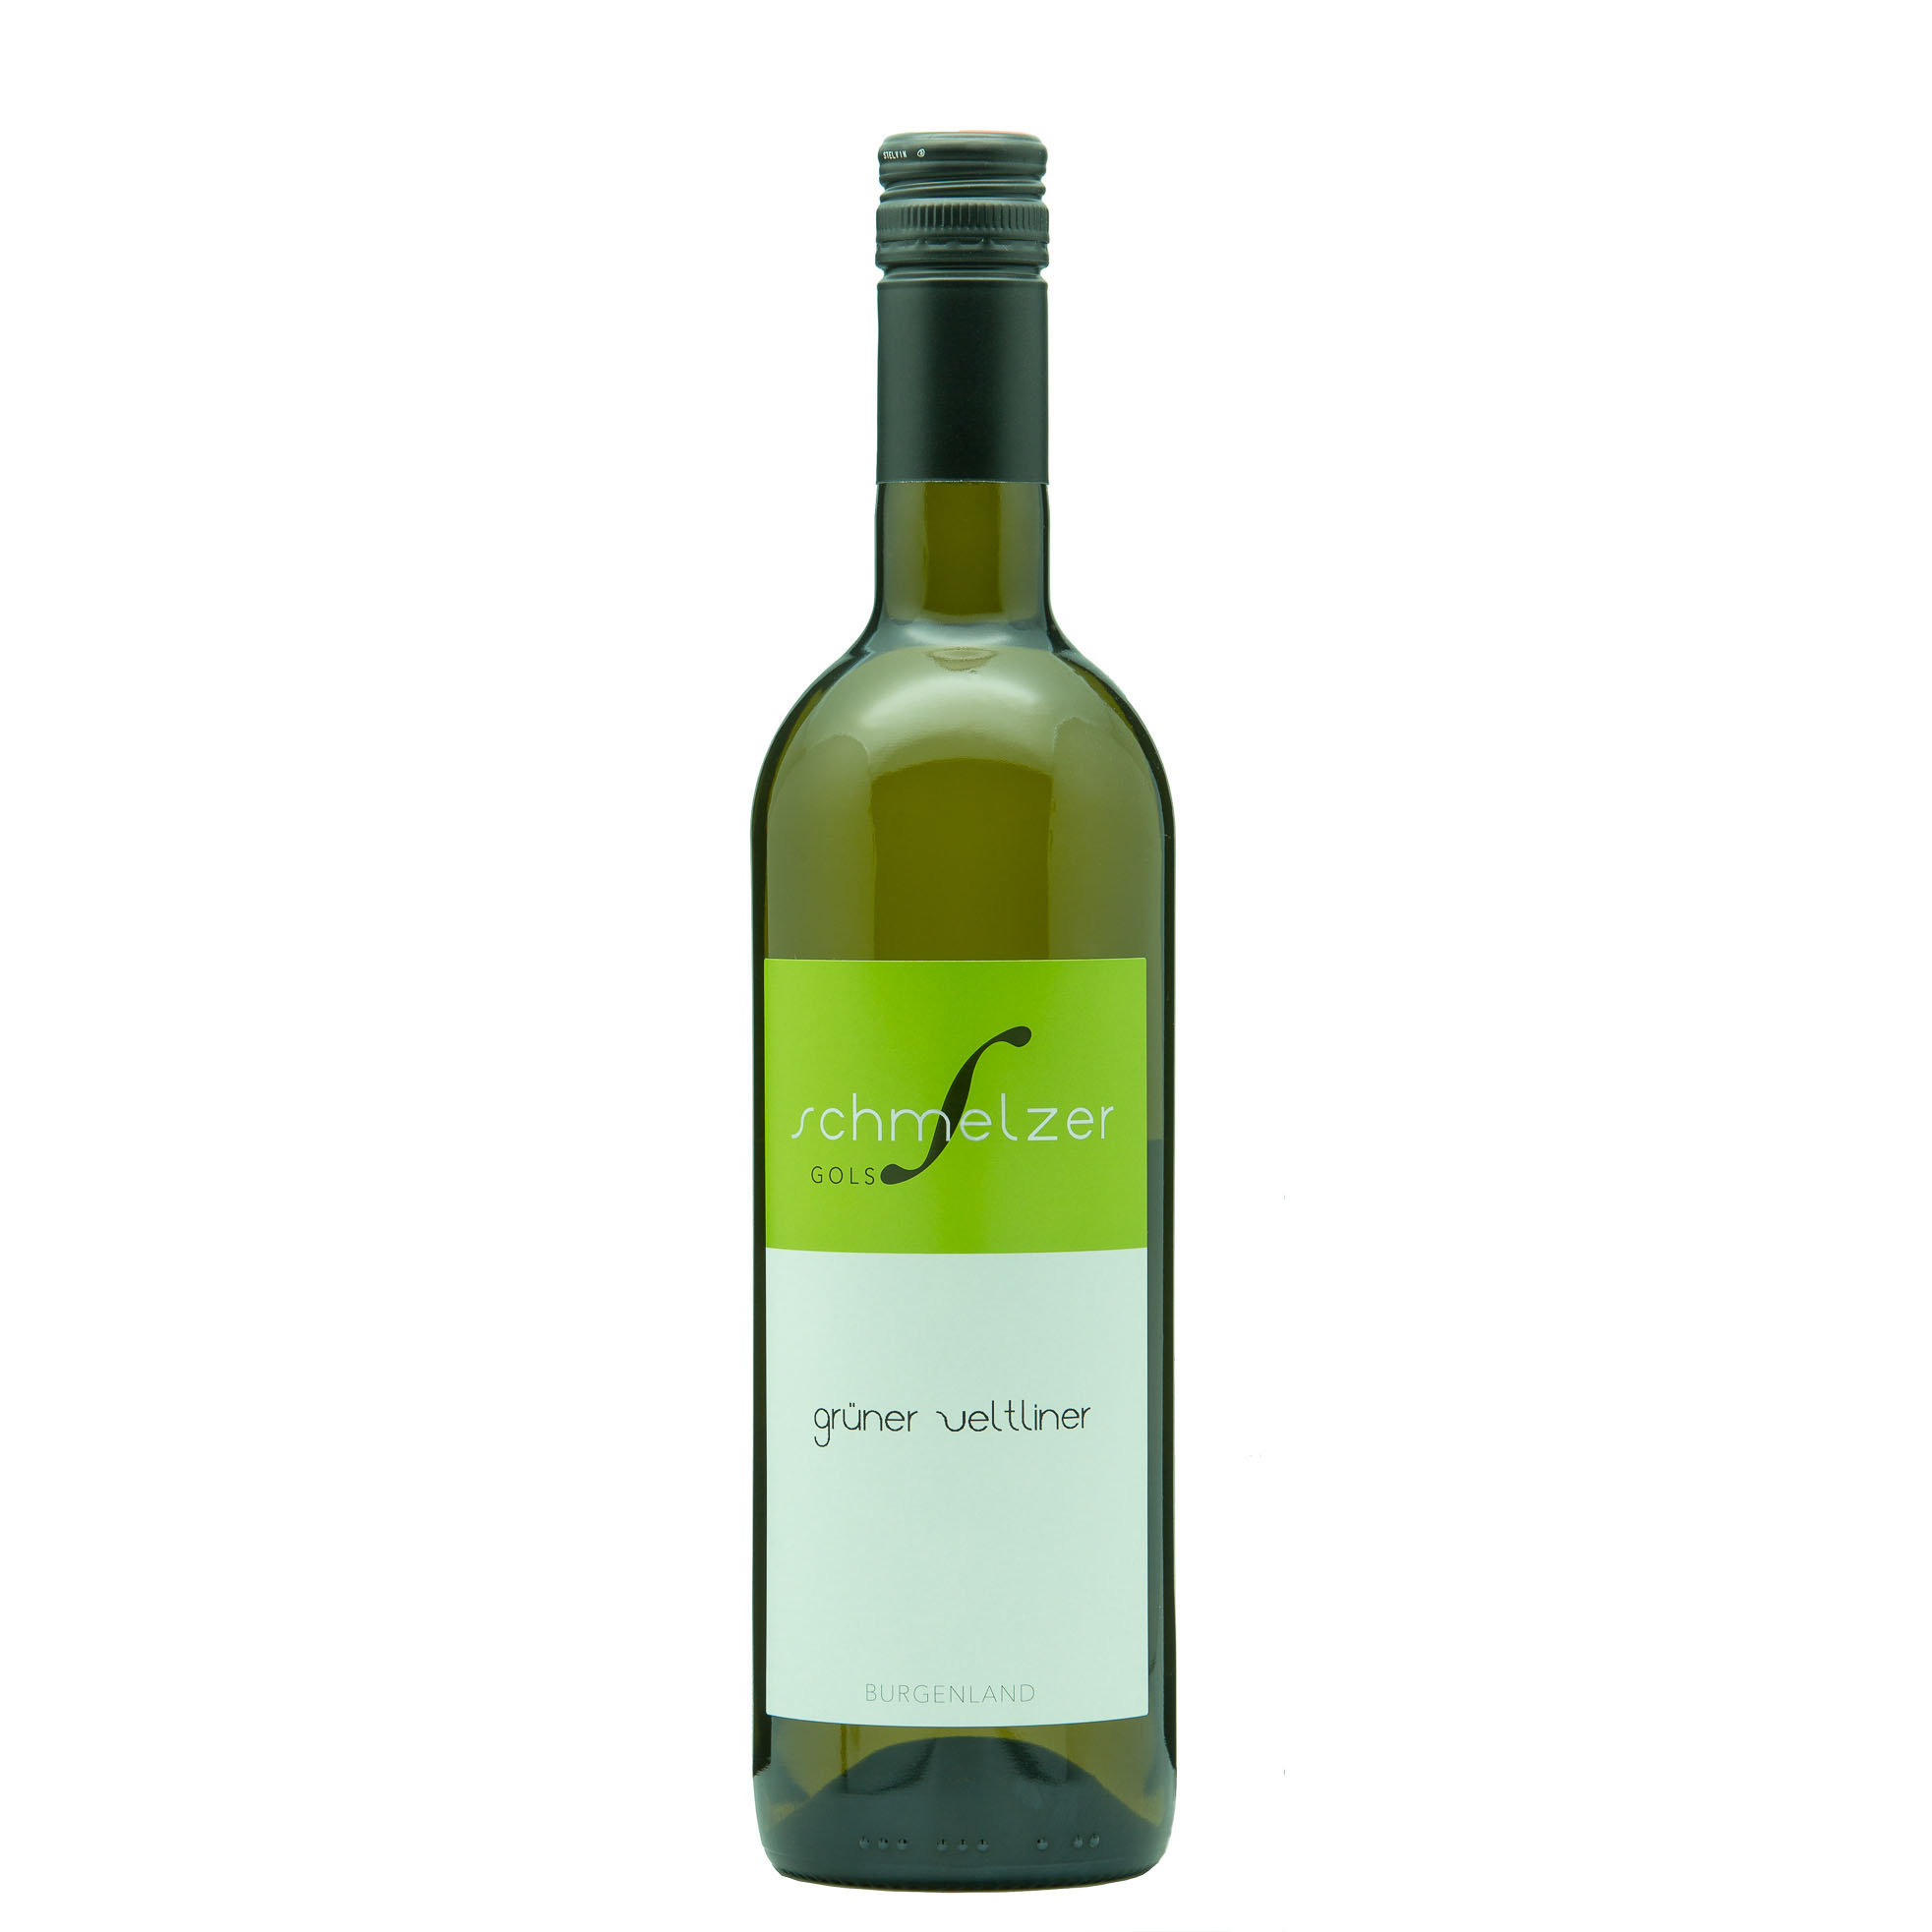 Weingut Schmelzer Grüner Veltliner 2019